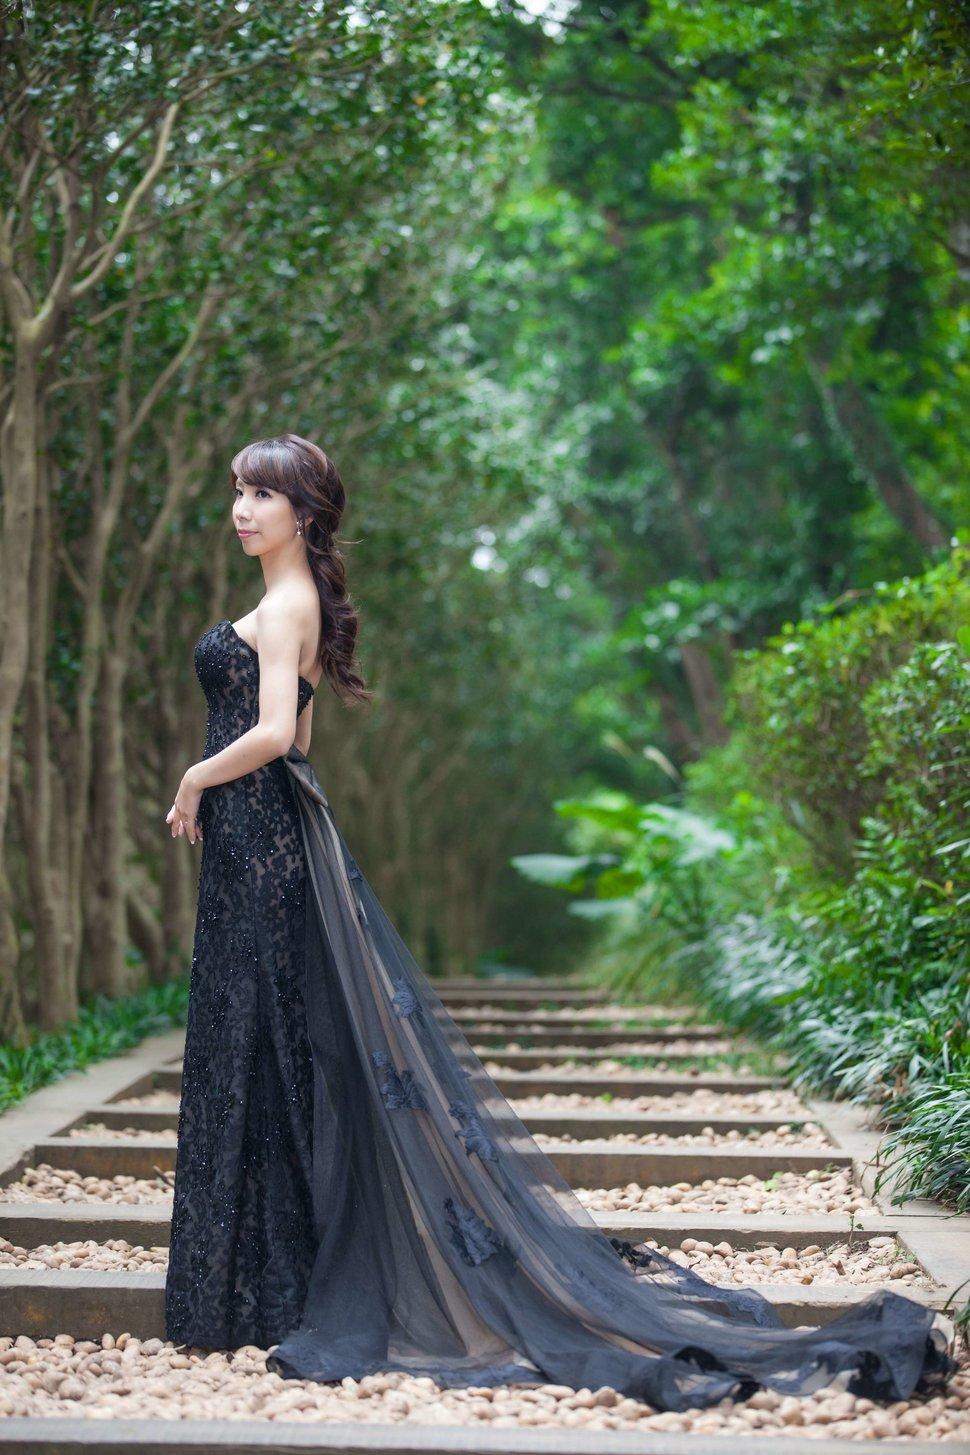 IMG_0552-1_縮 - 春之嫁衣精緻婚紗 - 結婚吧一站式婚禮服務平台